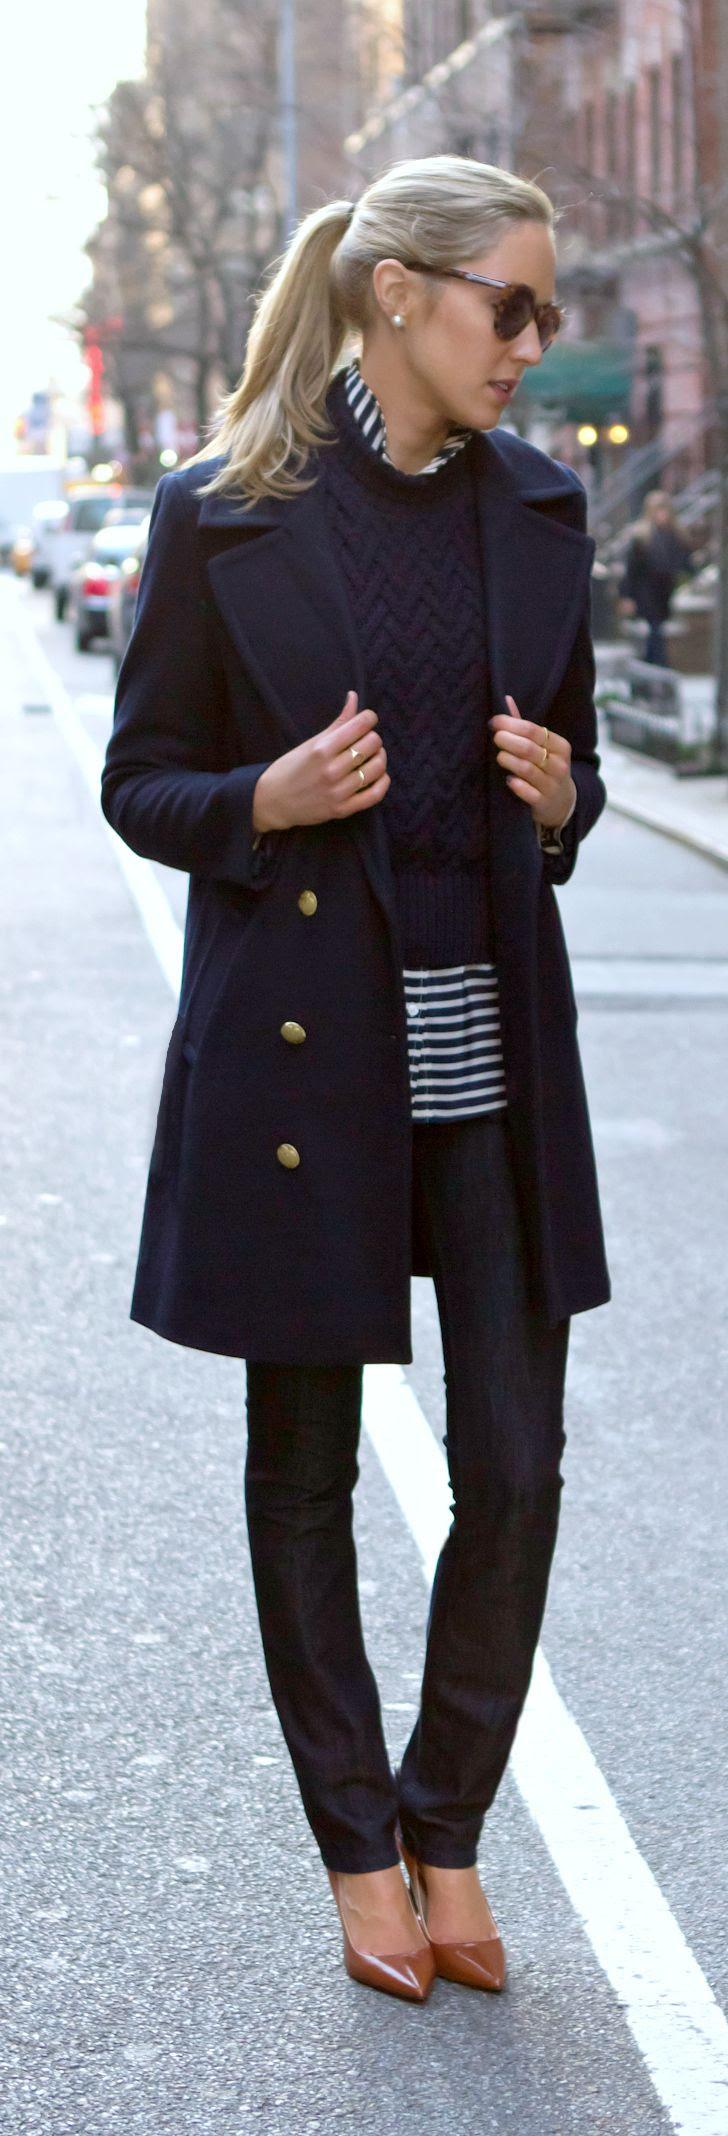 casual friday on the blog today {navy coat, striped shirt, cable turtleneck, karen walker super duper}